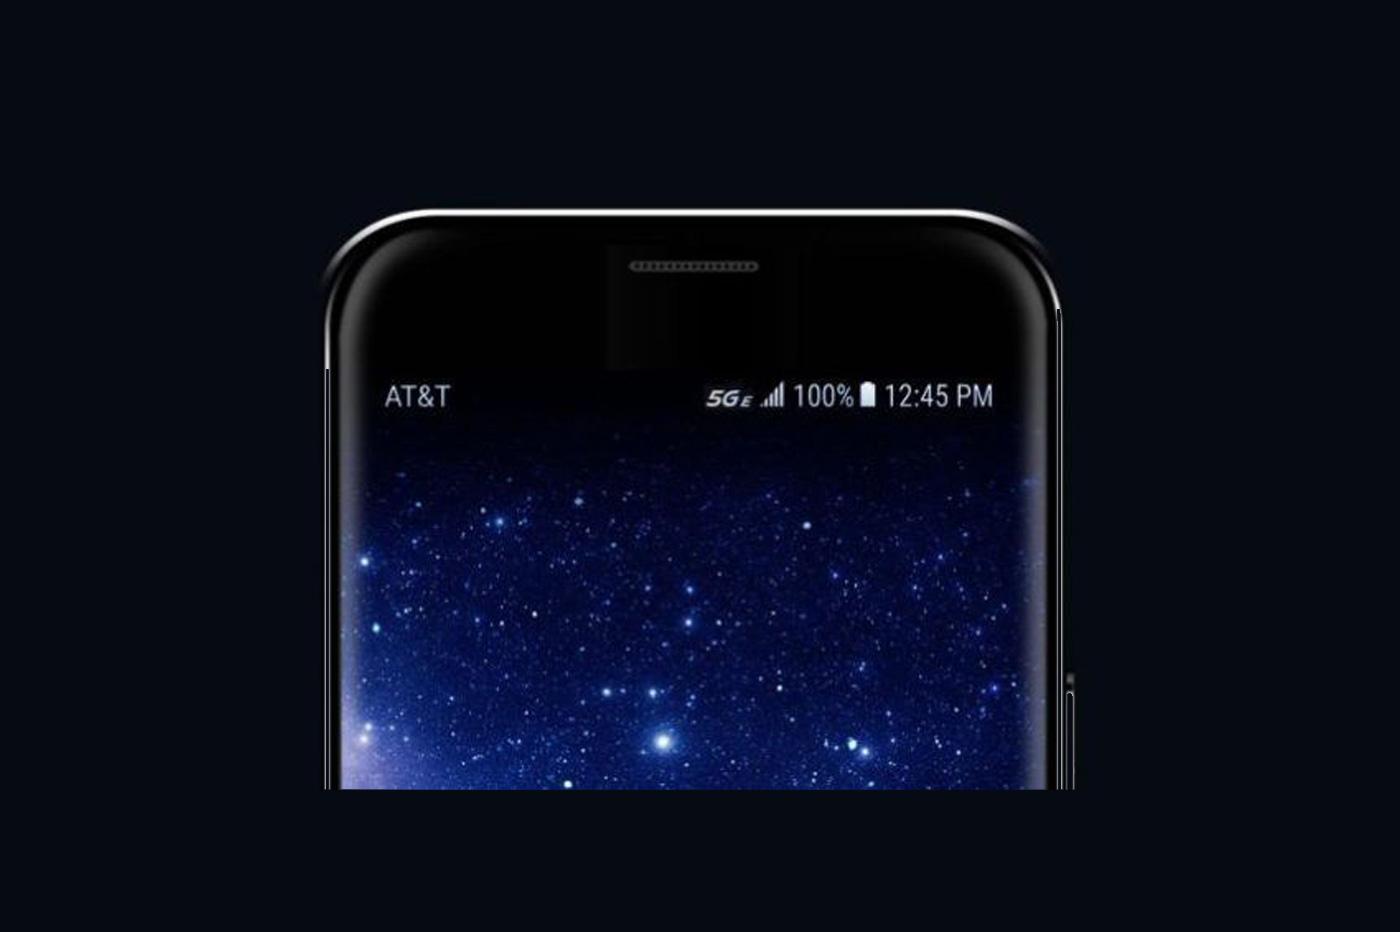 États-Unis : certains iPhone avec iOS 12.2 affichent déjà la mention 5G